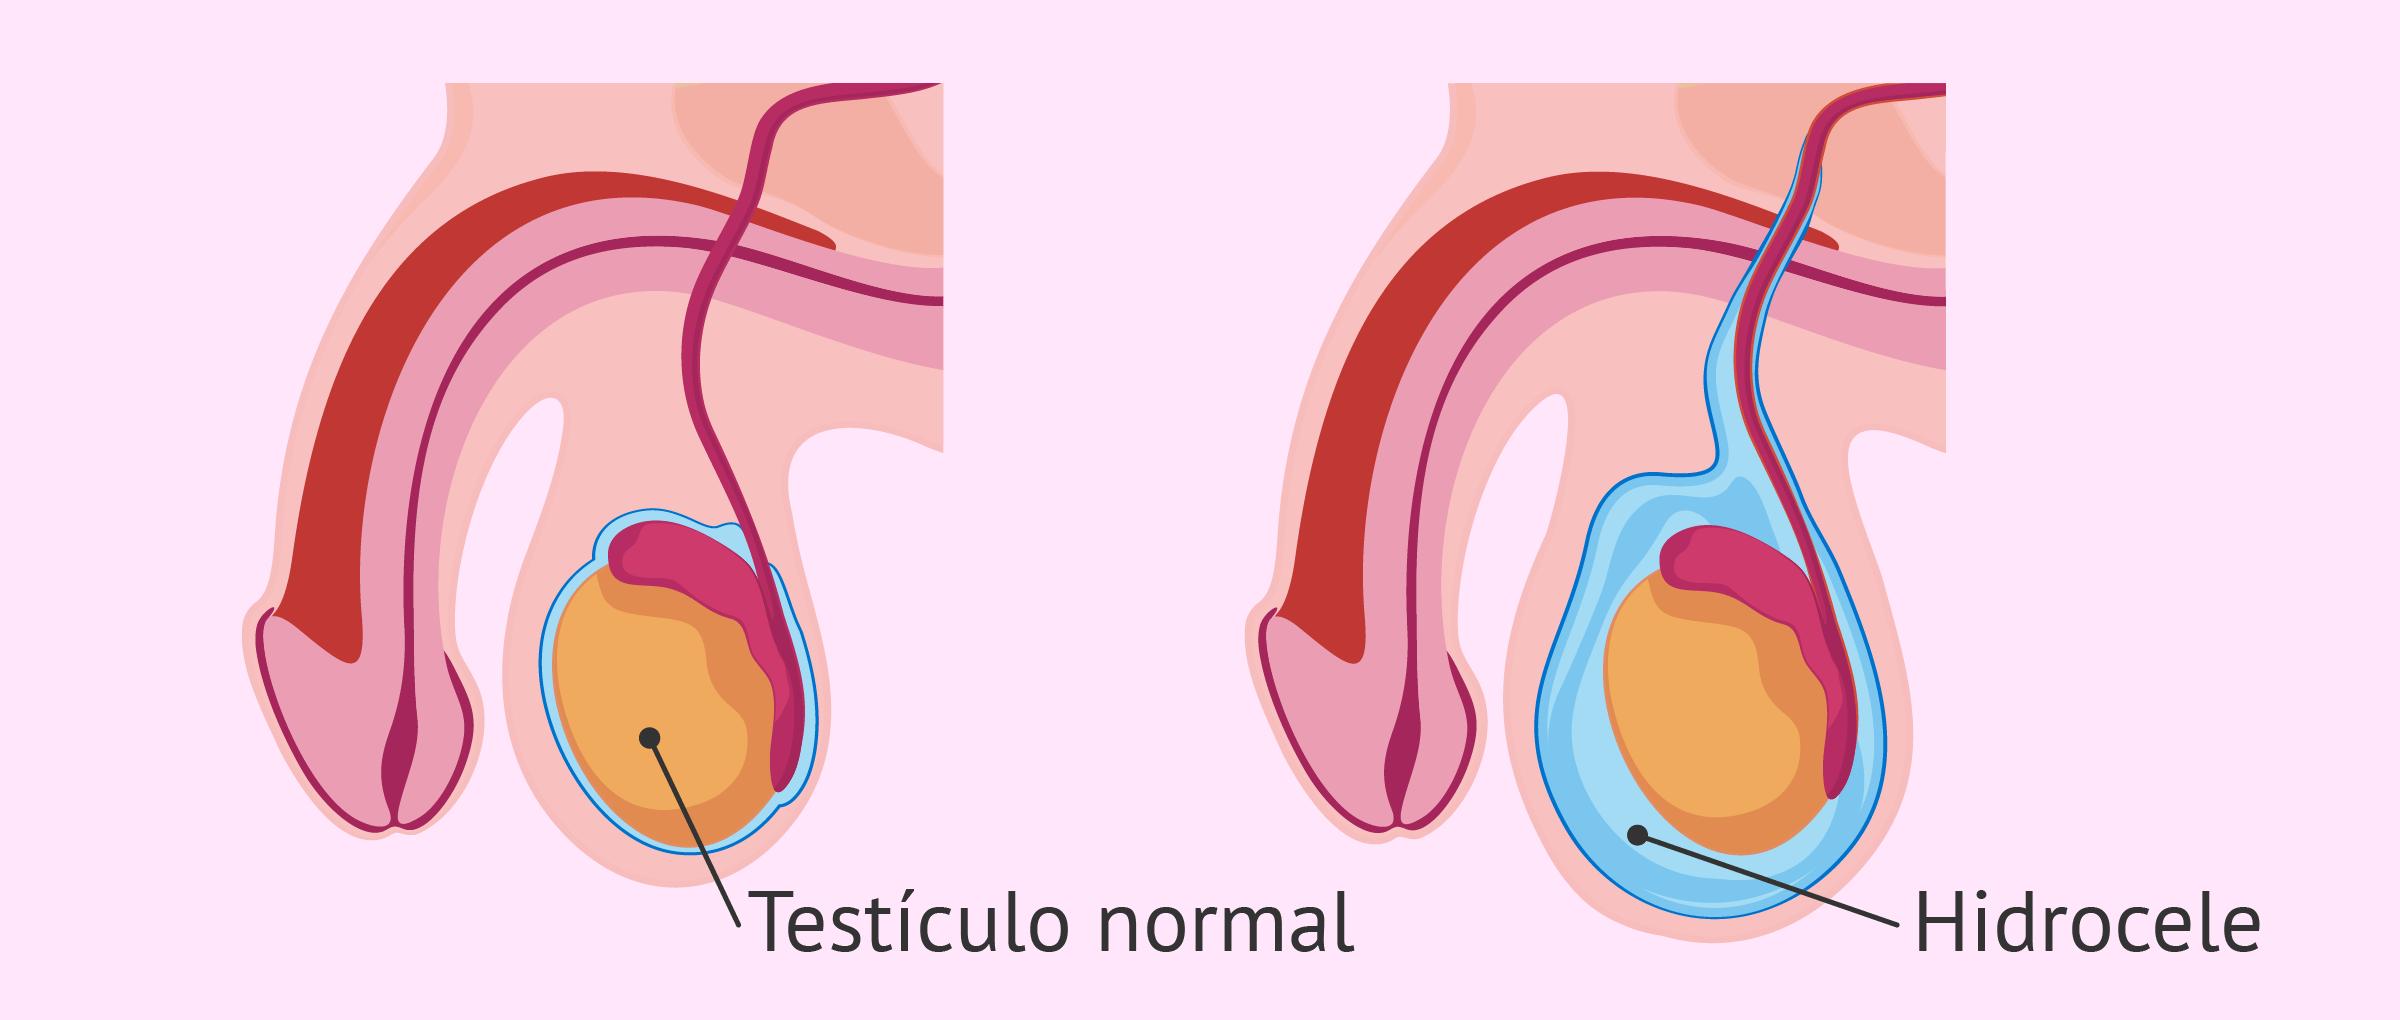 el cáncer testicular causa impotencia